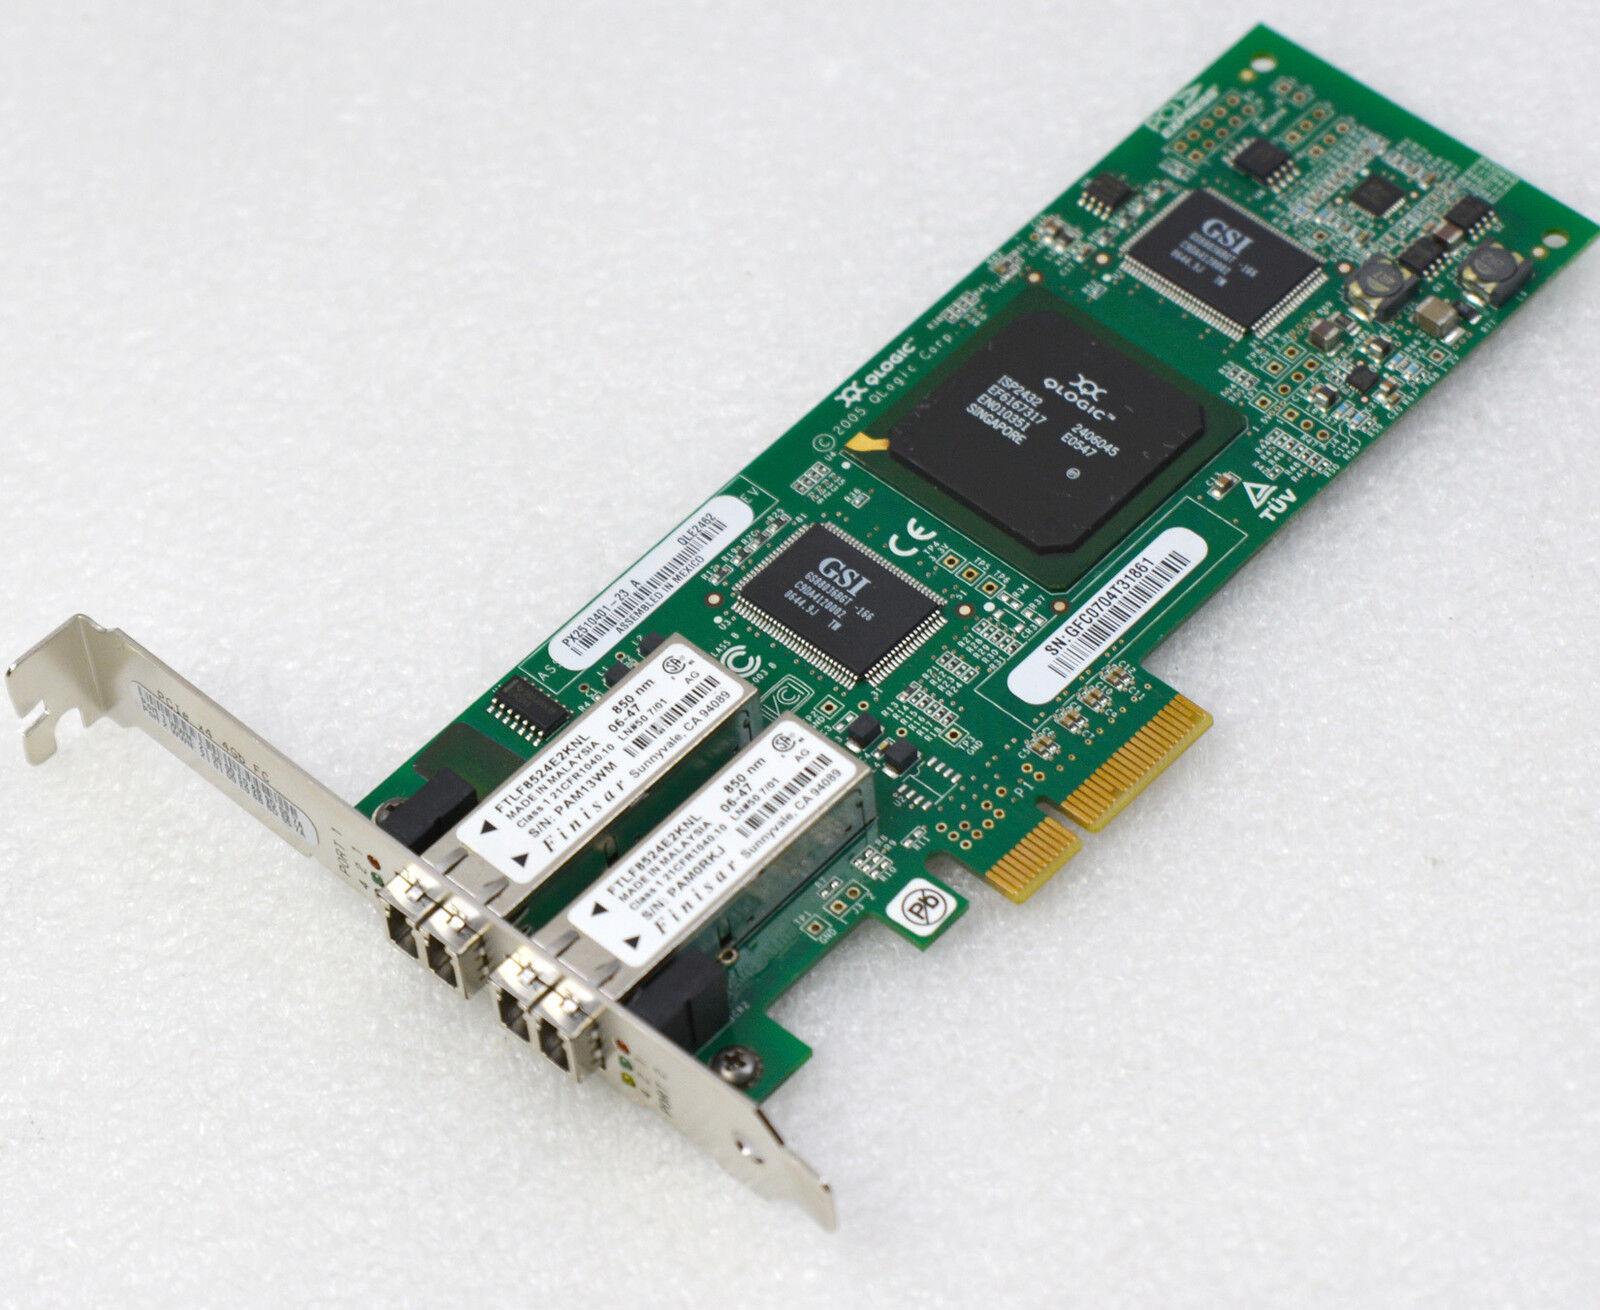 4GBit Dual Network Card Fibre Channel Pci-E 1x4xQLE2462IBM IBM 339R6528 #NW6 MM